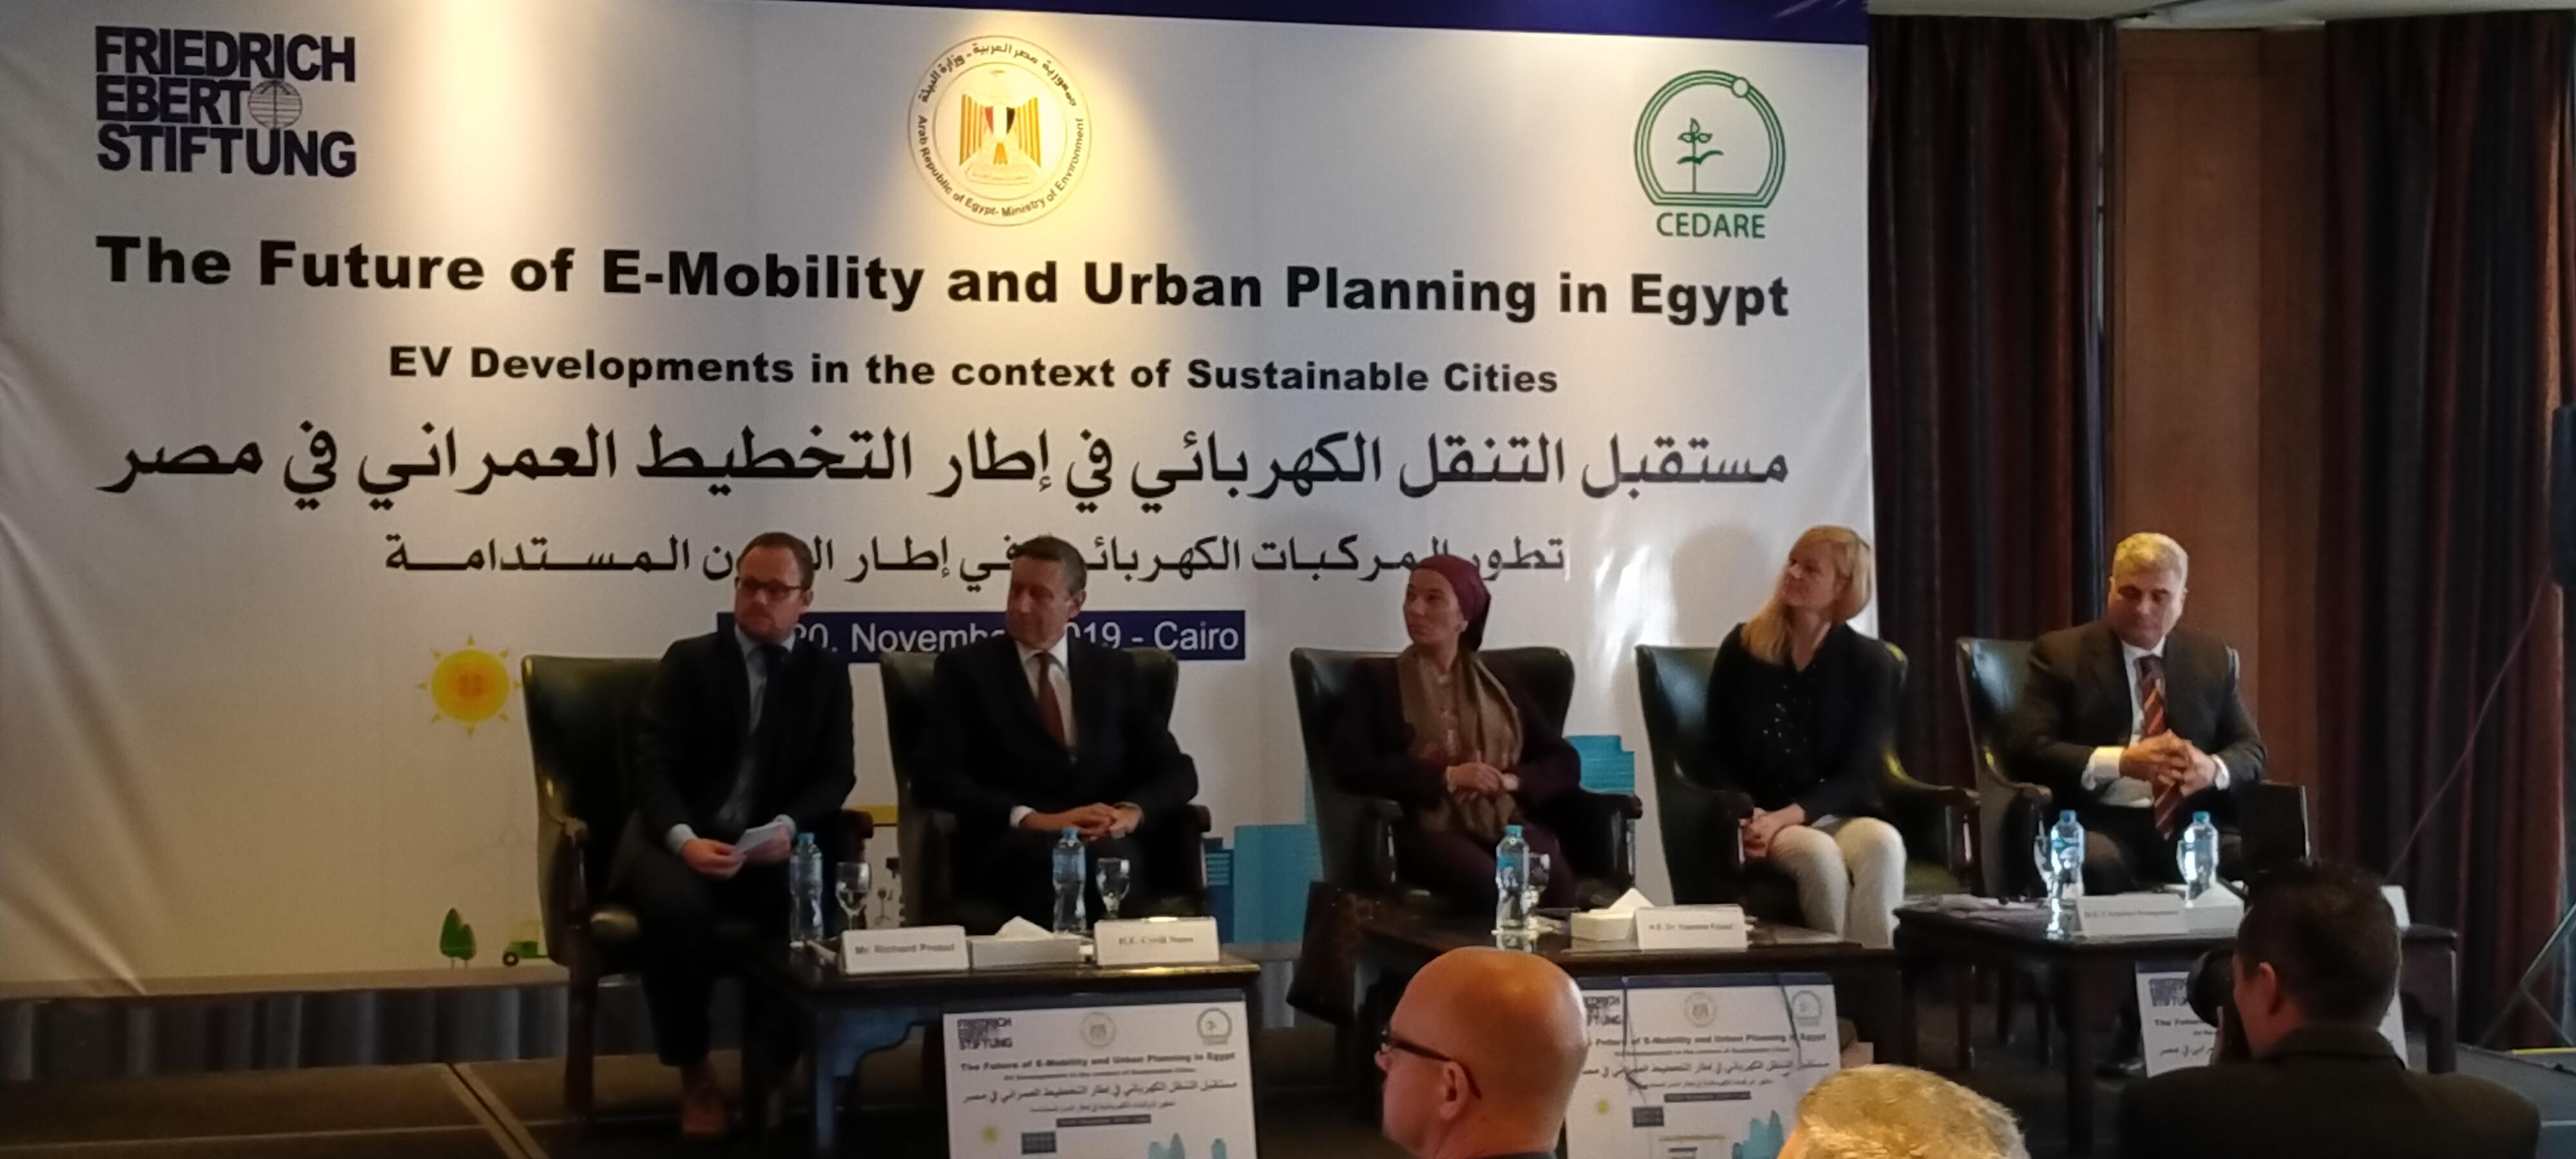 مؤتمر مستقبل التنقل الكهربائى والتخطيط العمرانى (3)